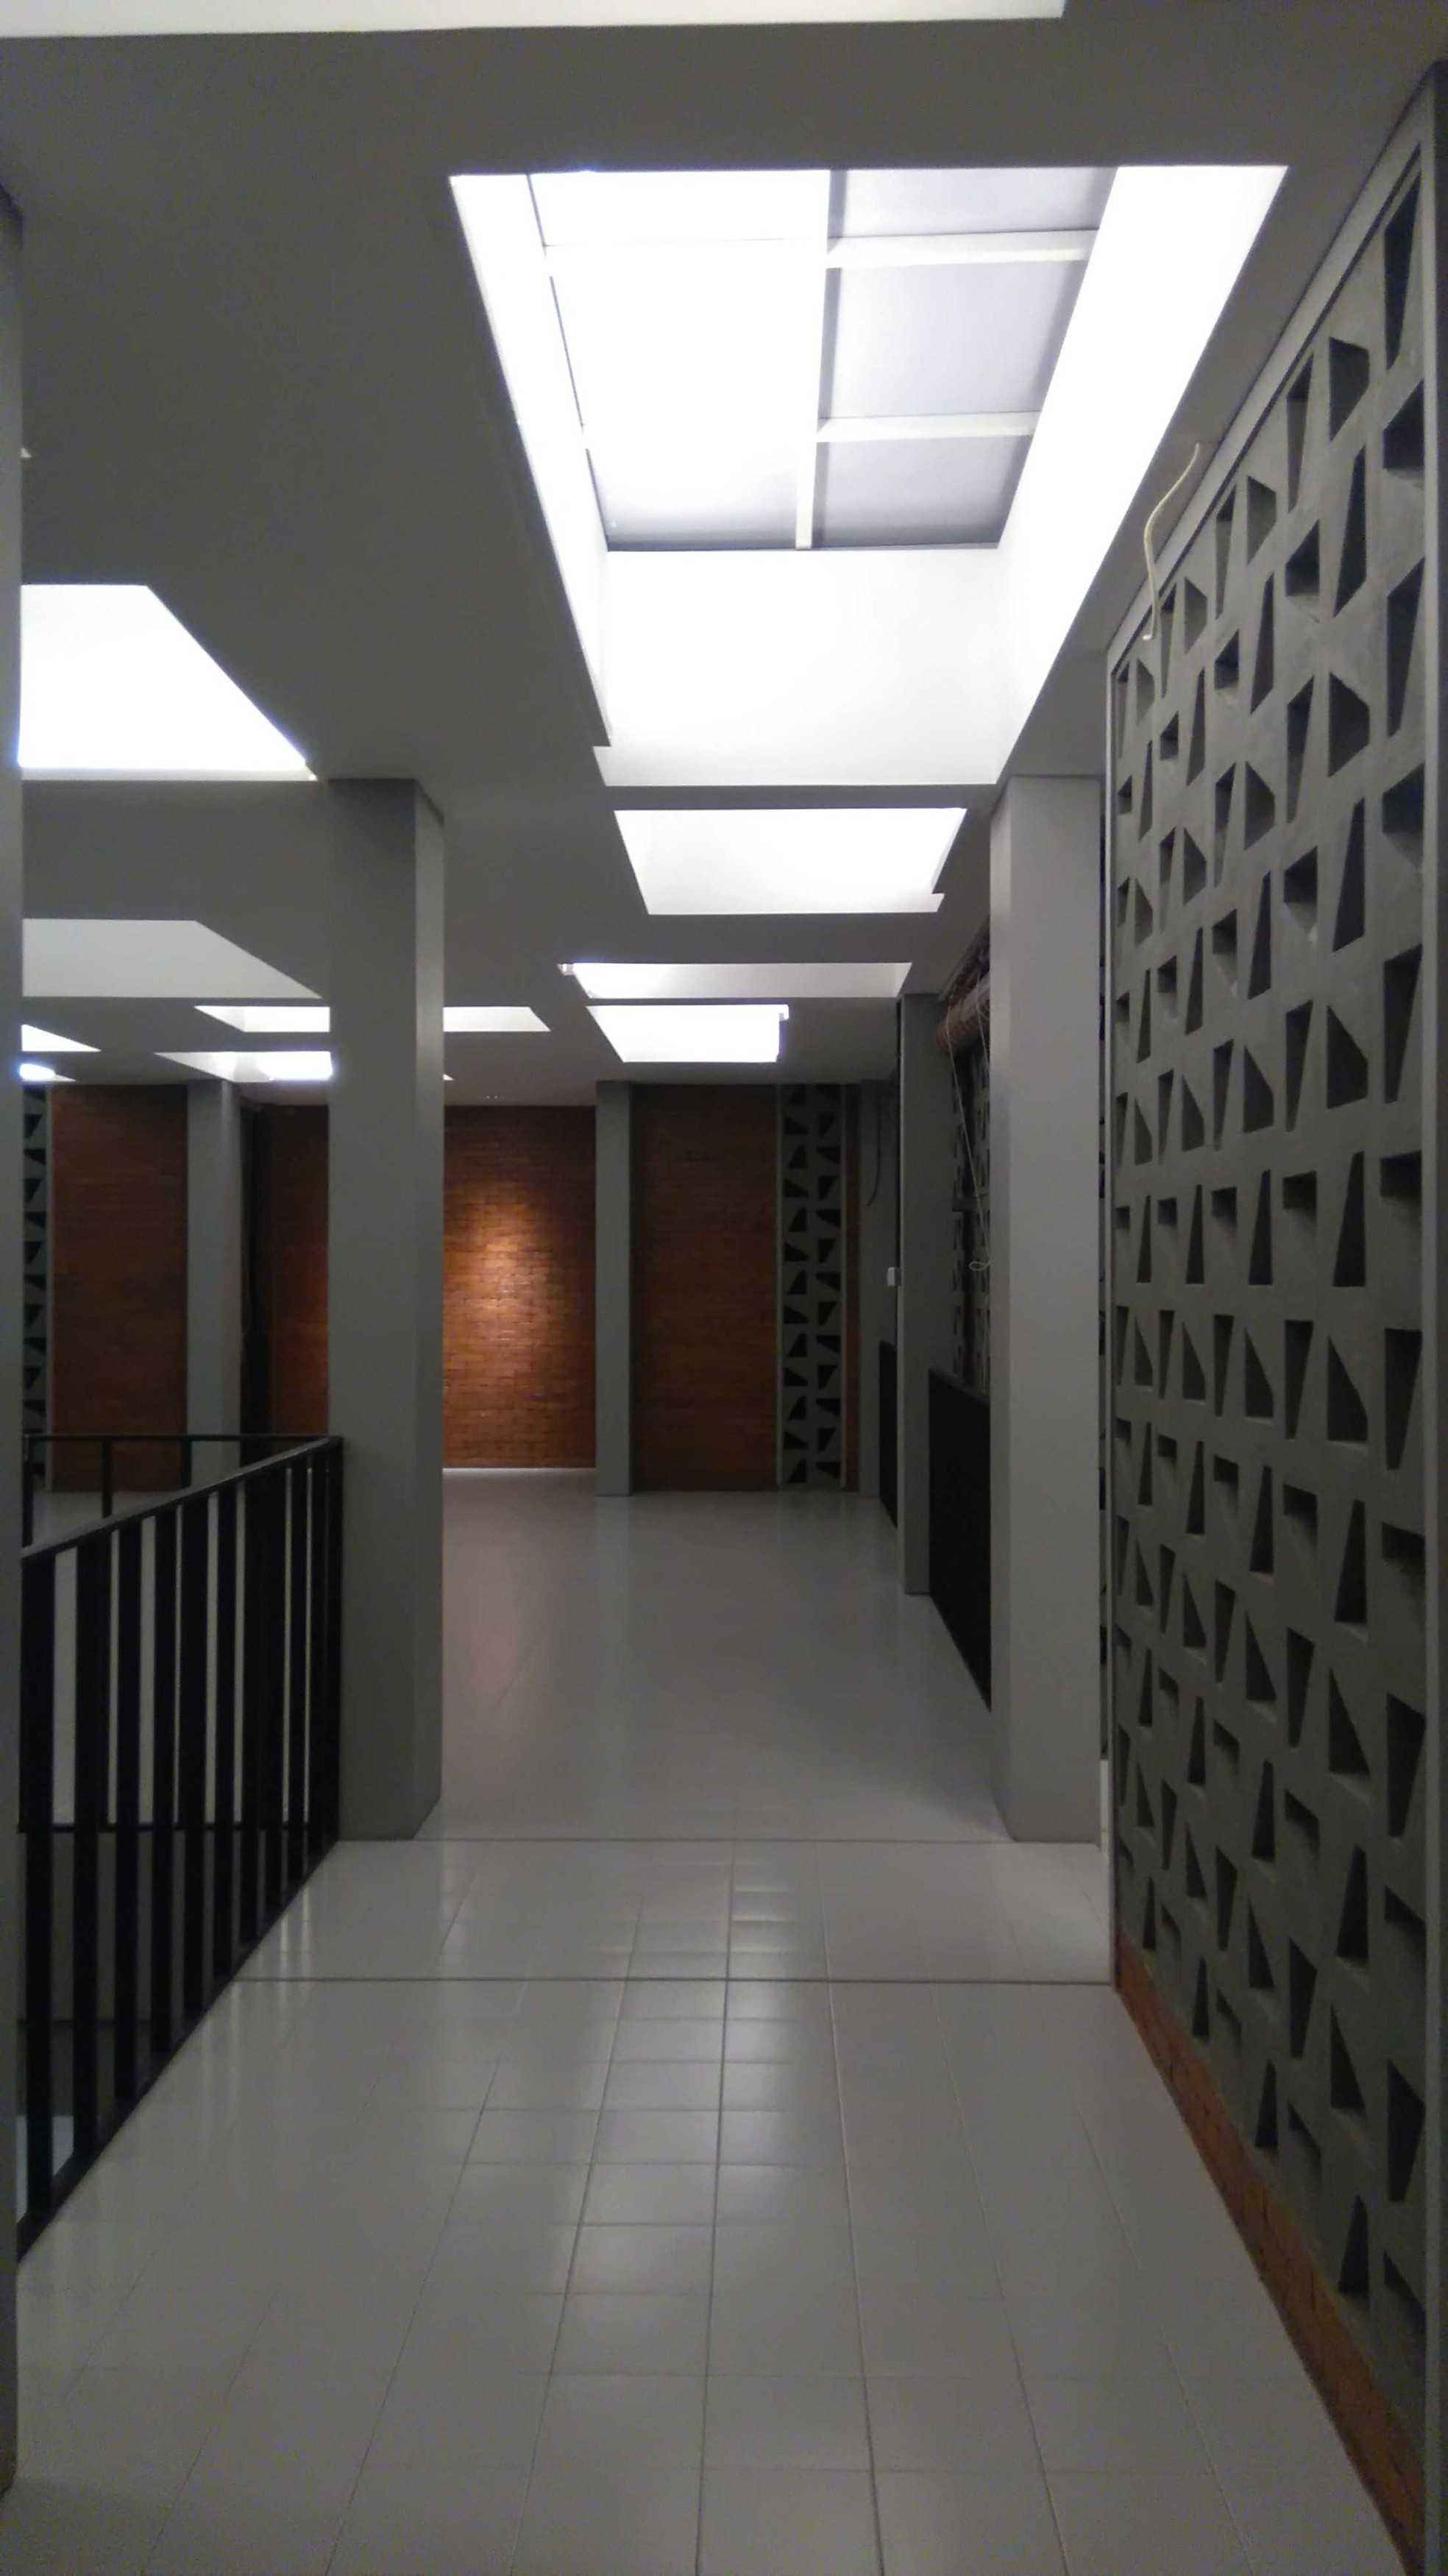 Psa Studio Musholla Nurul Islam Depok, West Java,  Indonesia Depok, West Java,  Indonesia Prayers-Room   16476